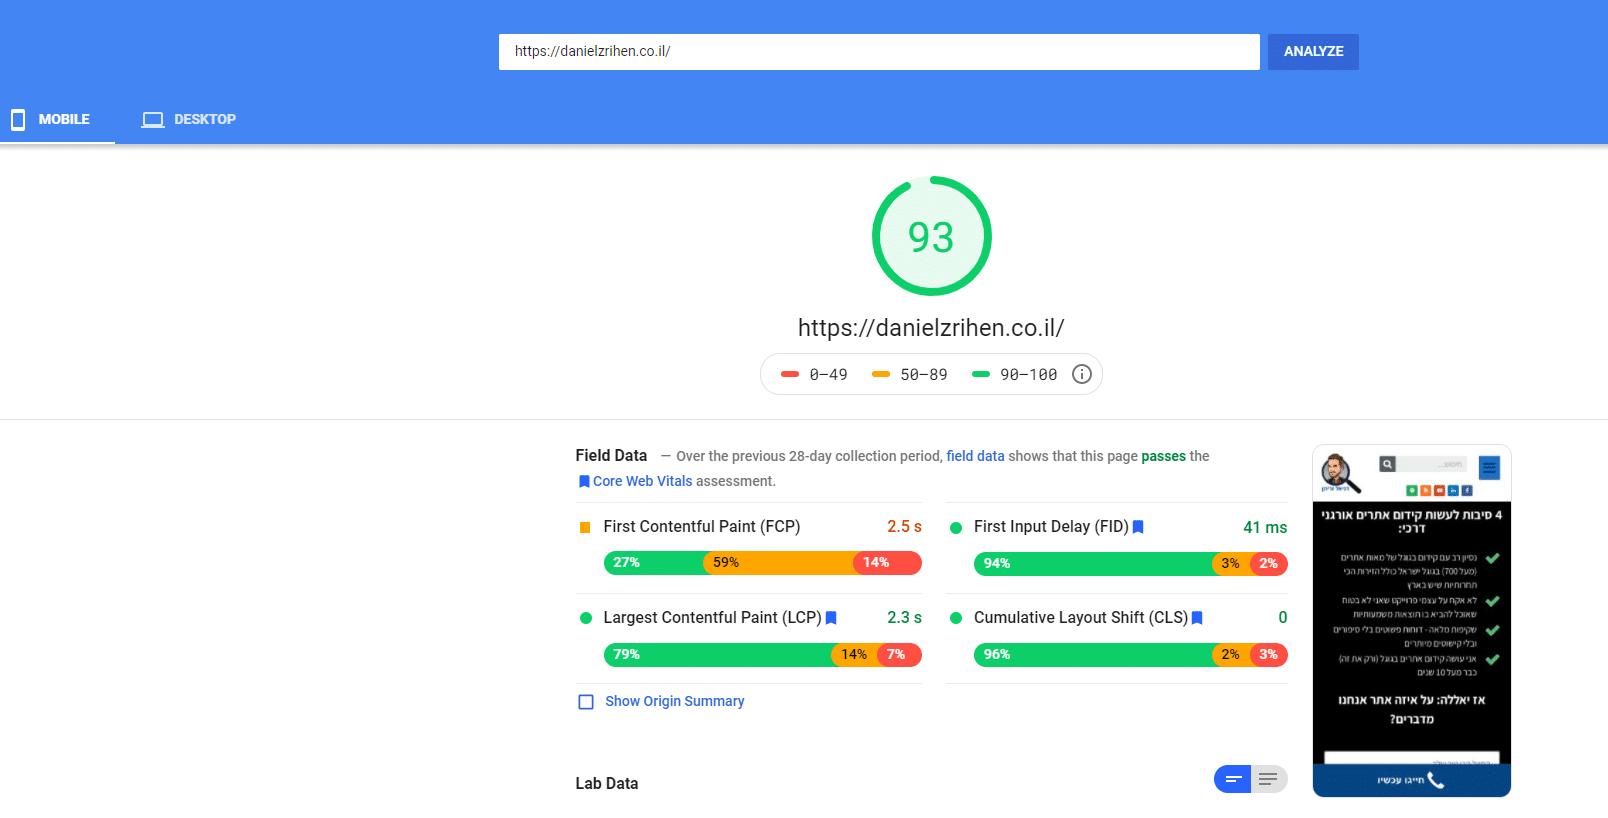 שיפור ציון מהירות טעינת אתר